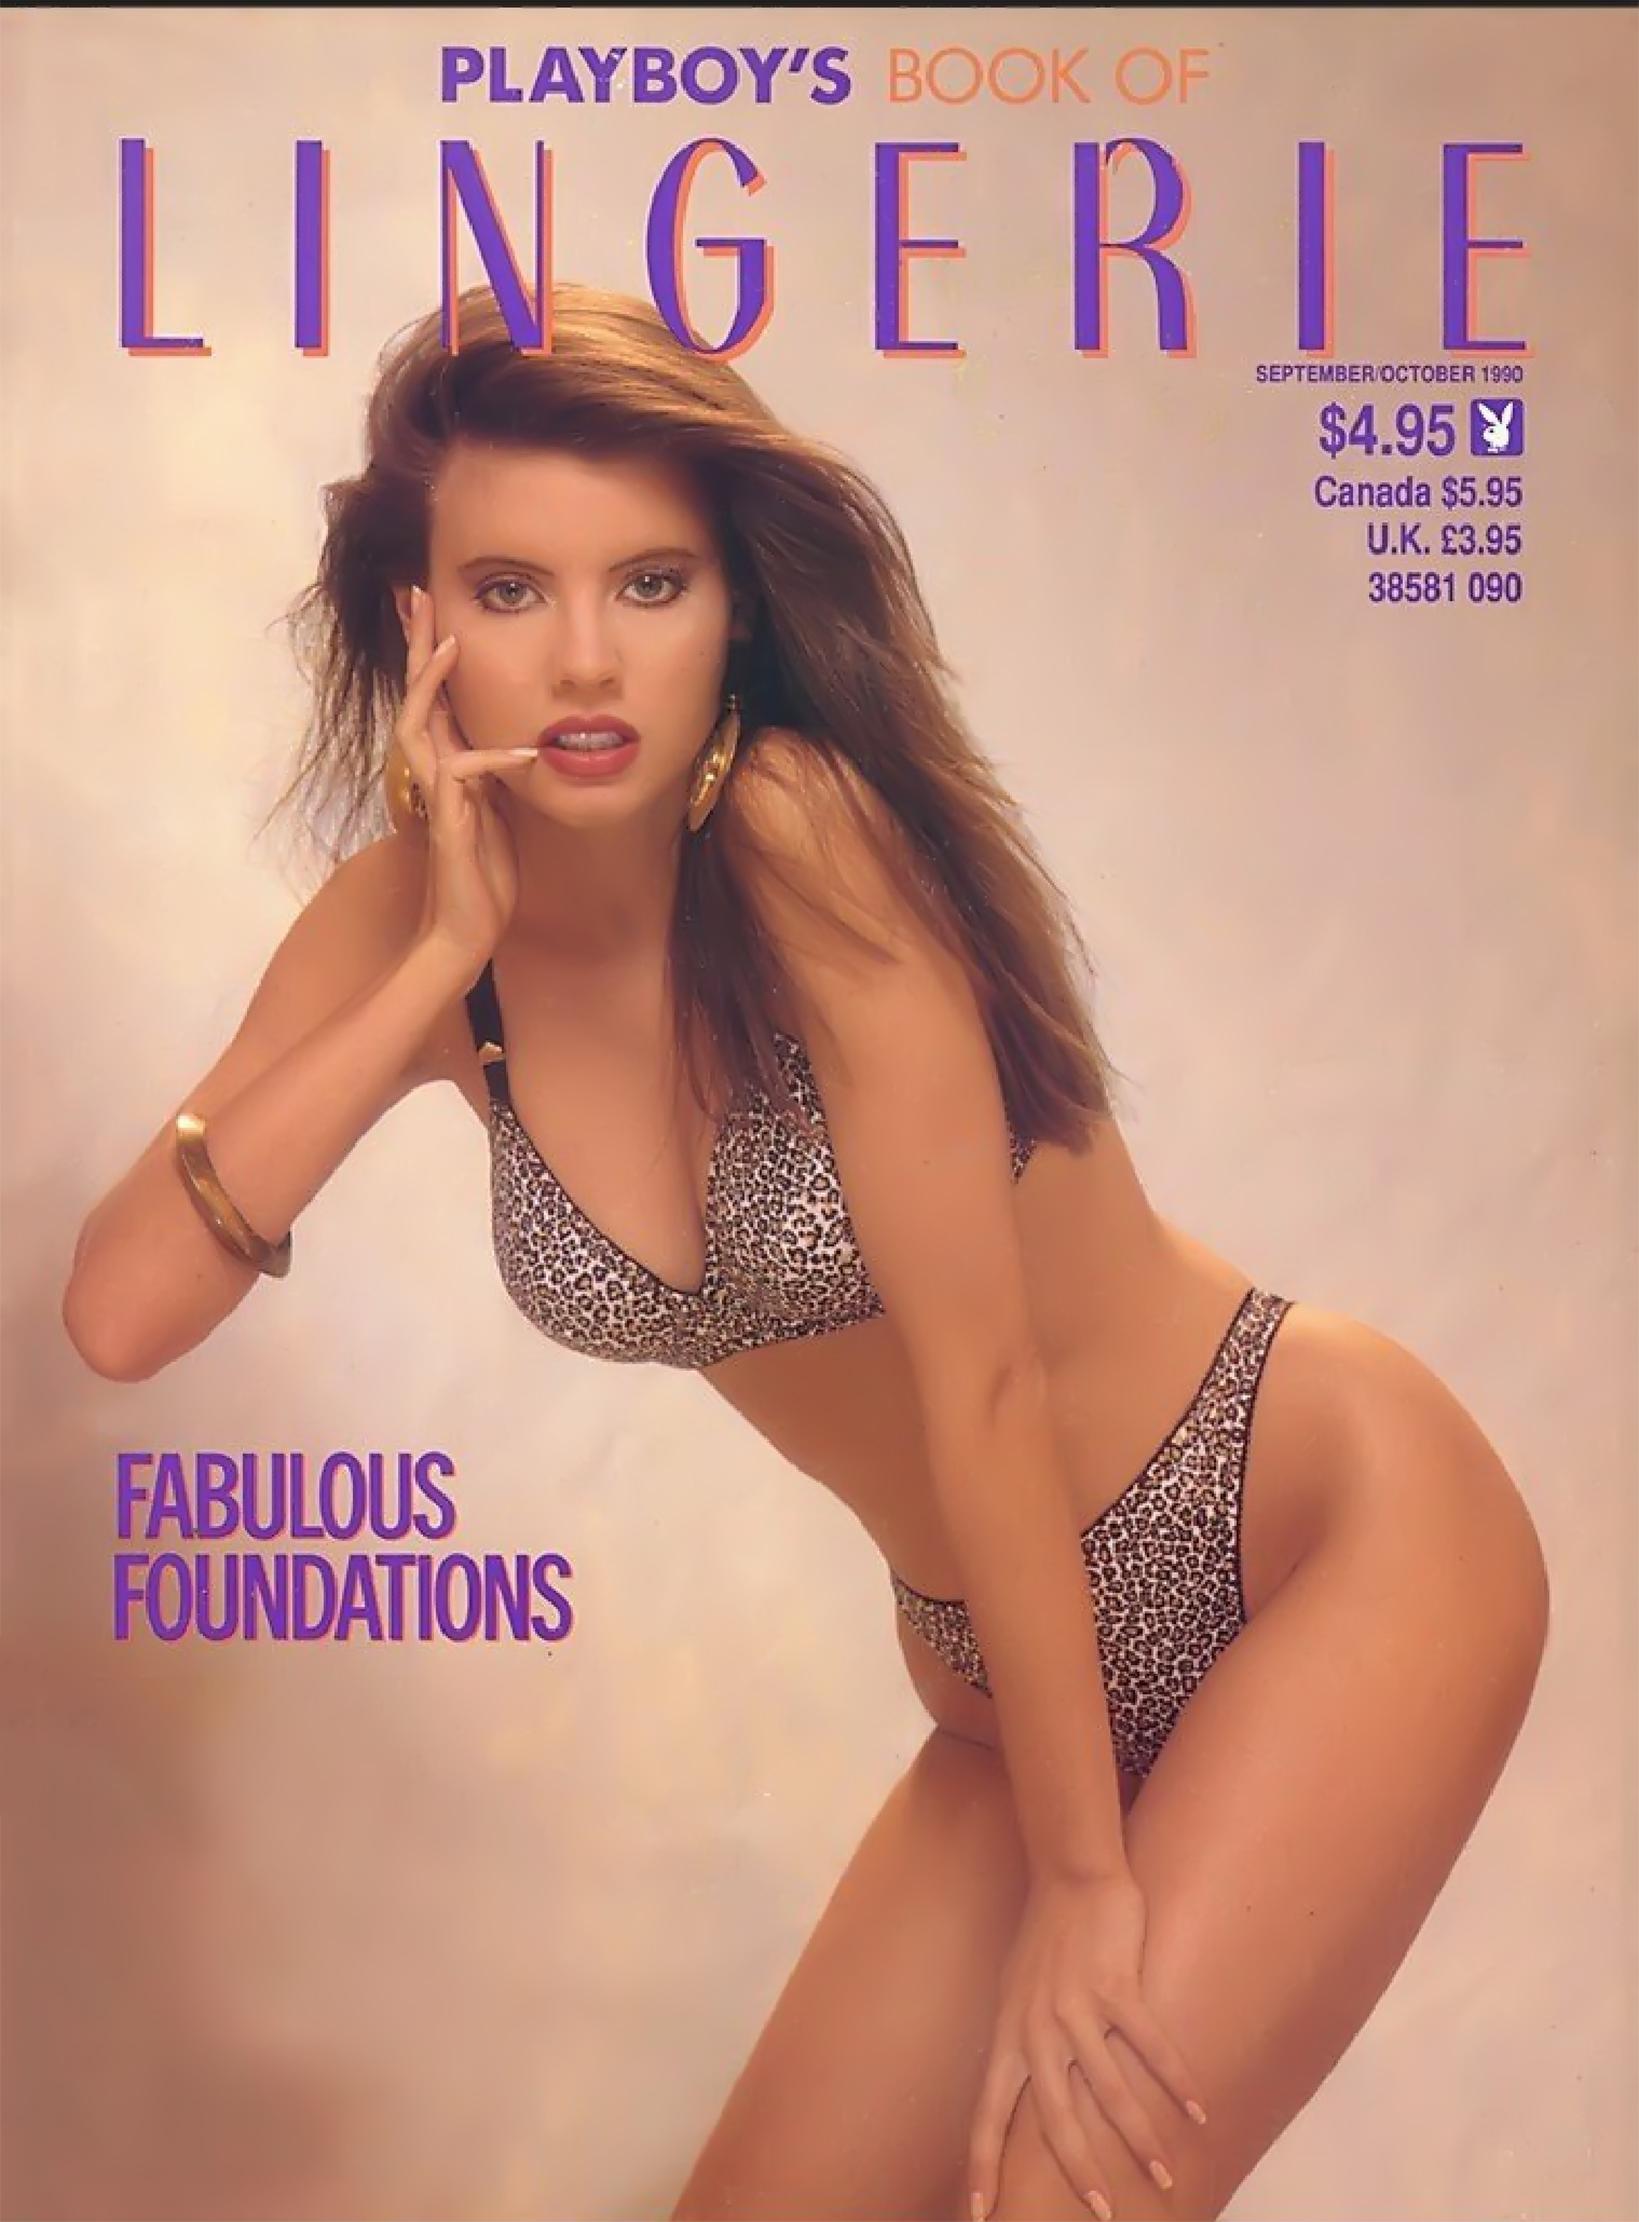 Фото из плейбоя 1990г 6 фотография